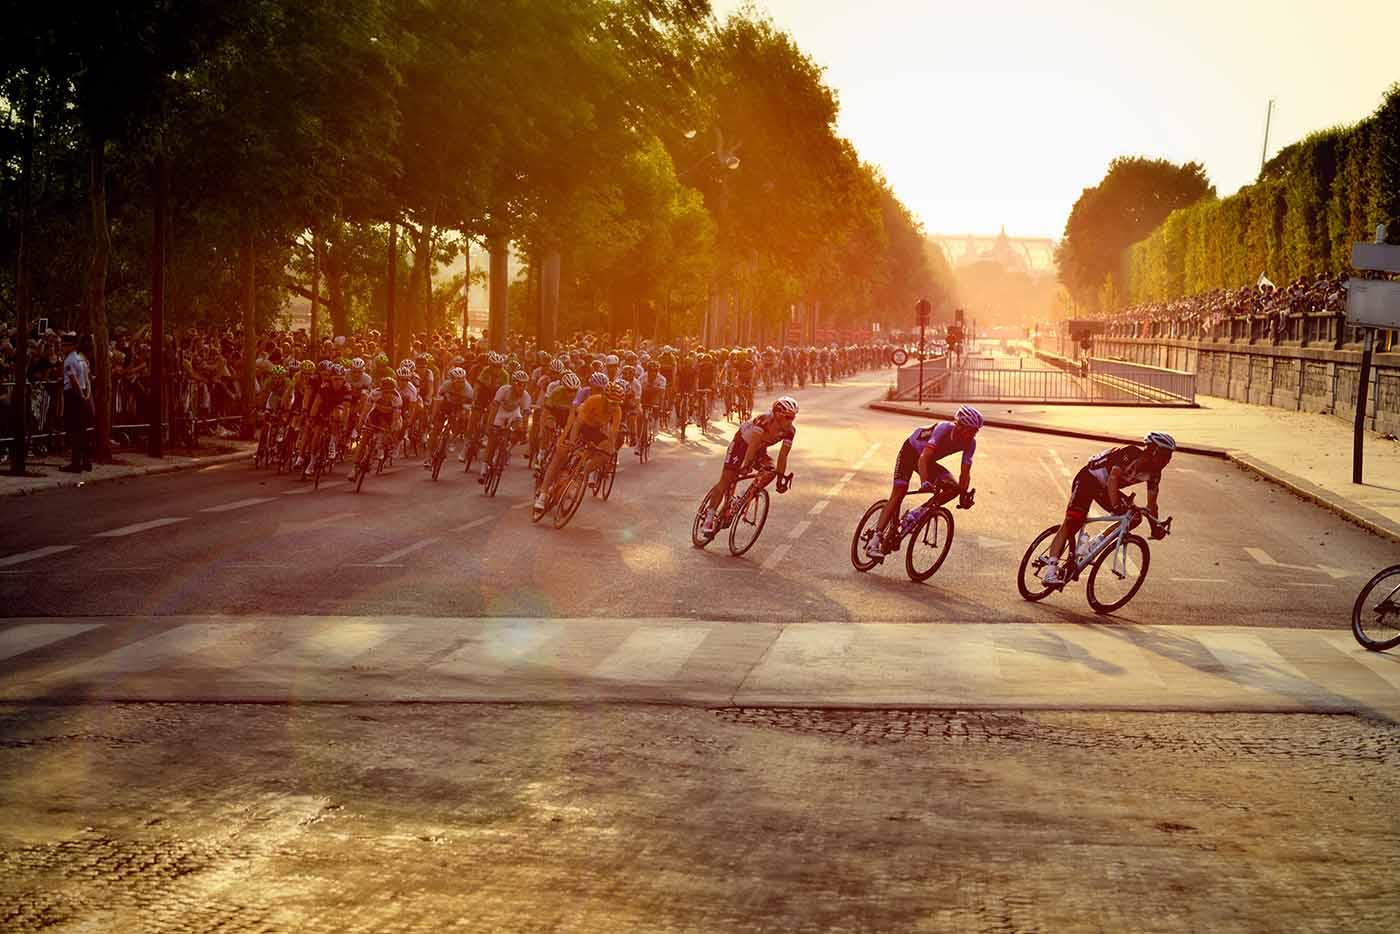 Bikers making a turn